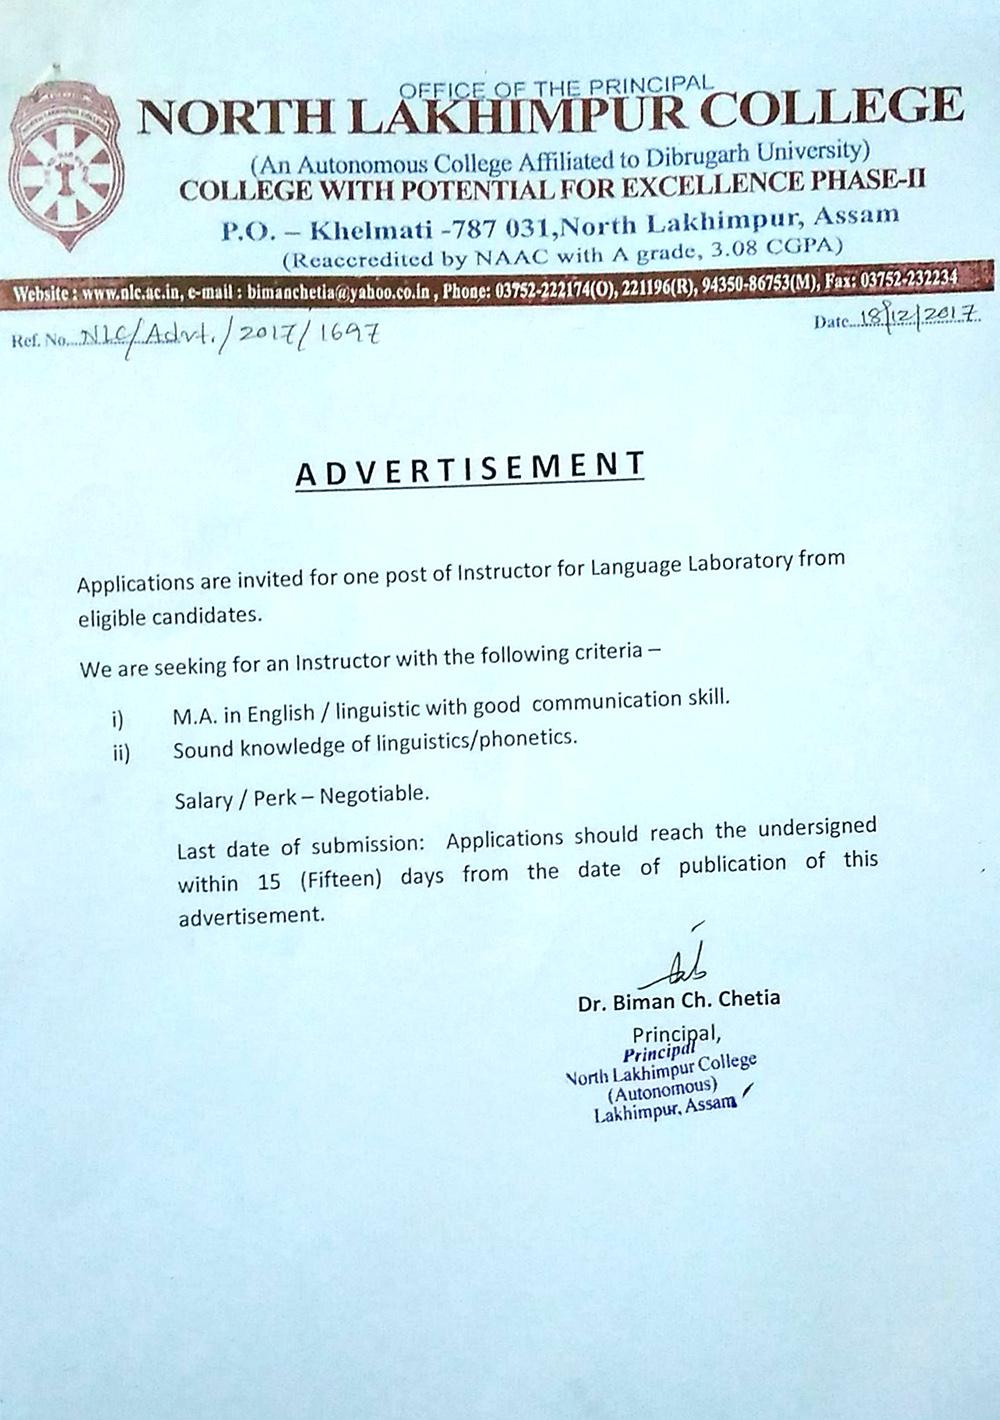 North Lakhimpur College (Autonomous)